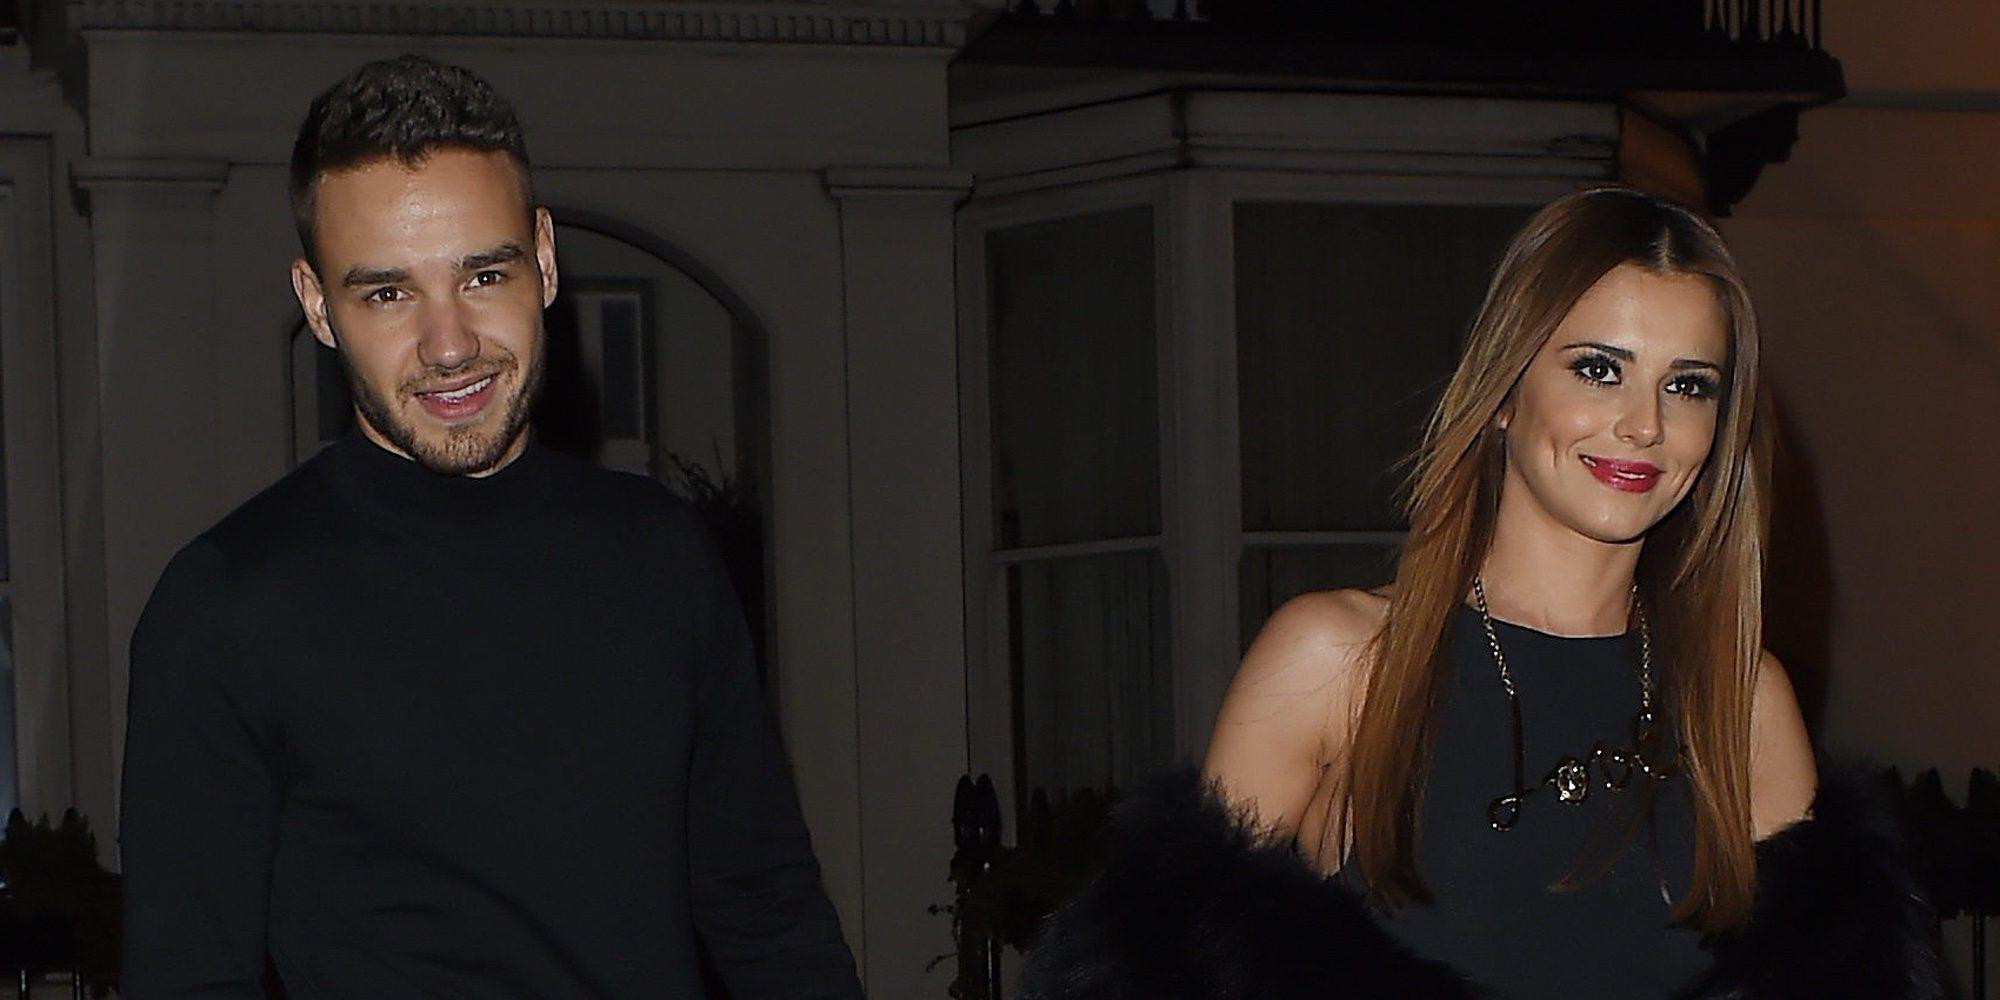 La madre de Cheryl, posible culpable de su crisis con Liam Payne